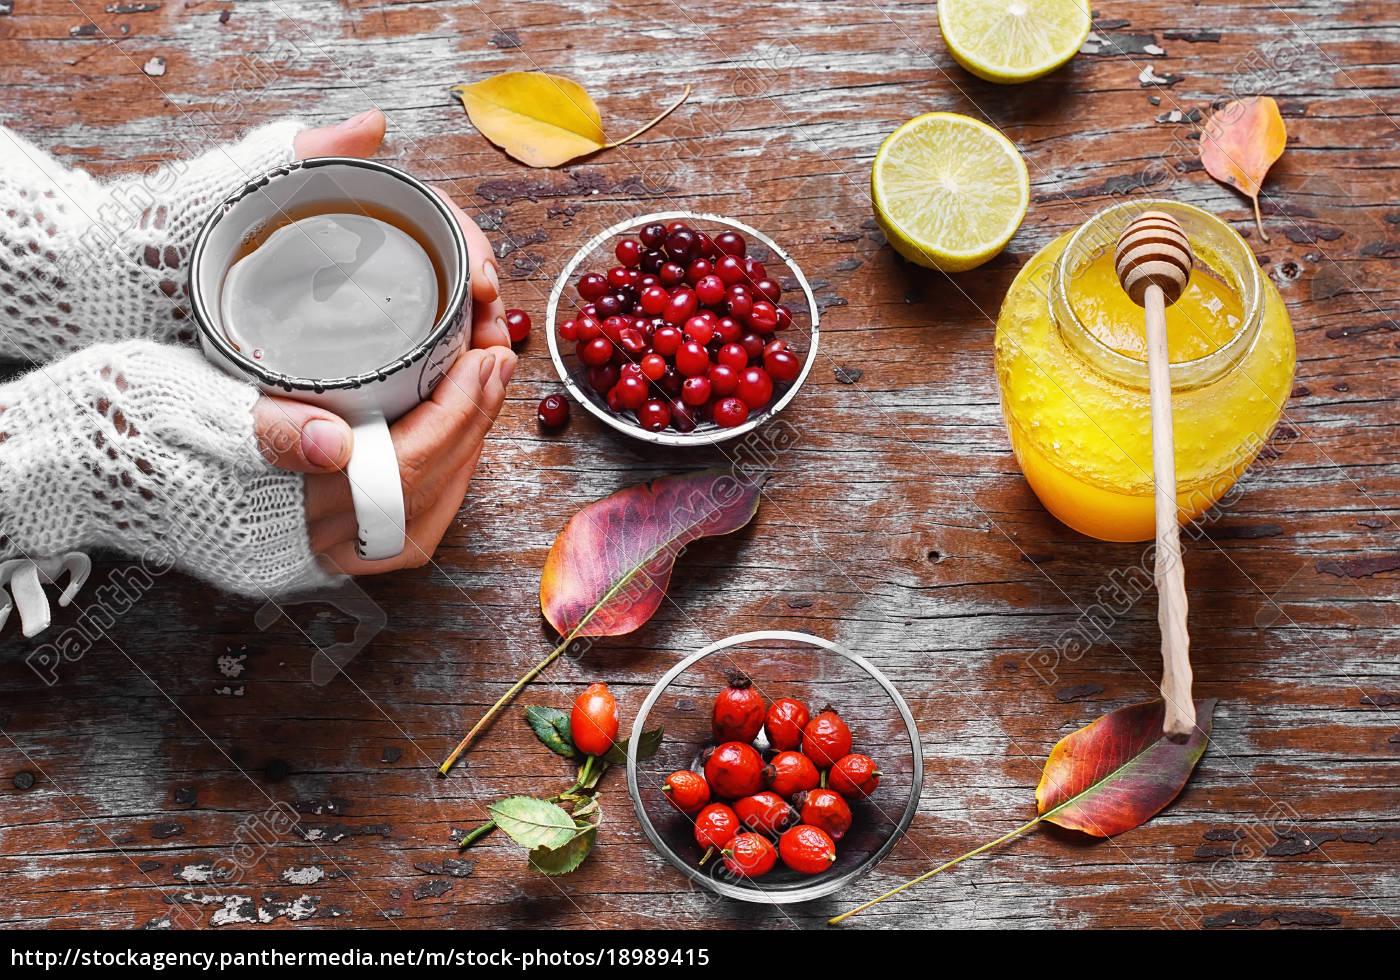 rimedio, da, bacche, e, miele - 18989415